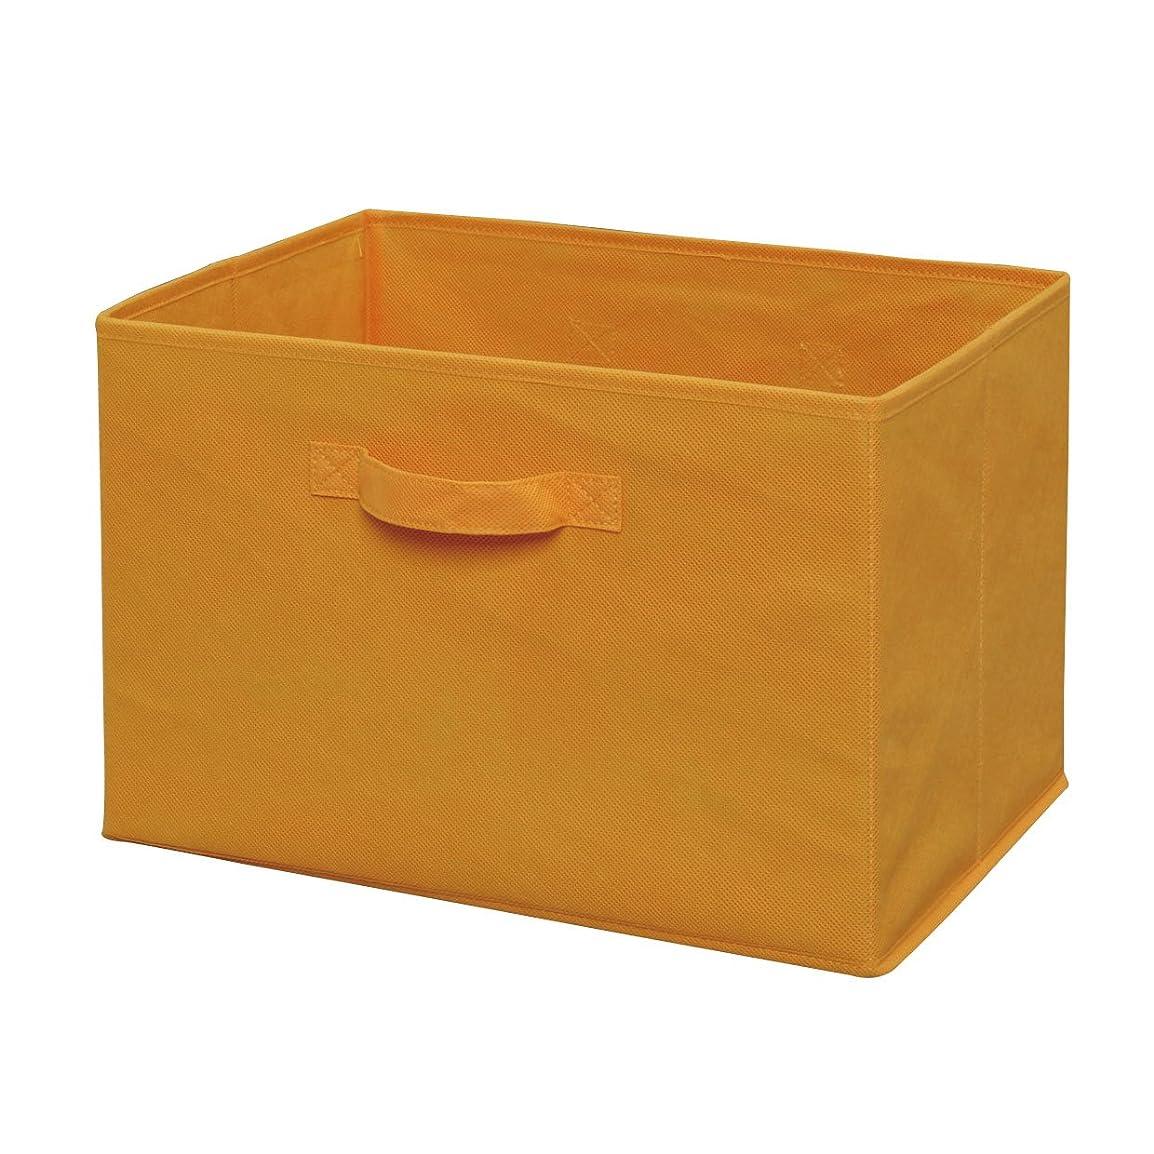 拡大する補正パキスタン人アイリスオーヤマ ボックス インナーボックス オレンジ 幅38.5×奥行27×高さ27㎝ FIB-38